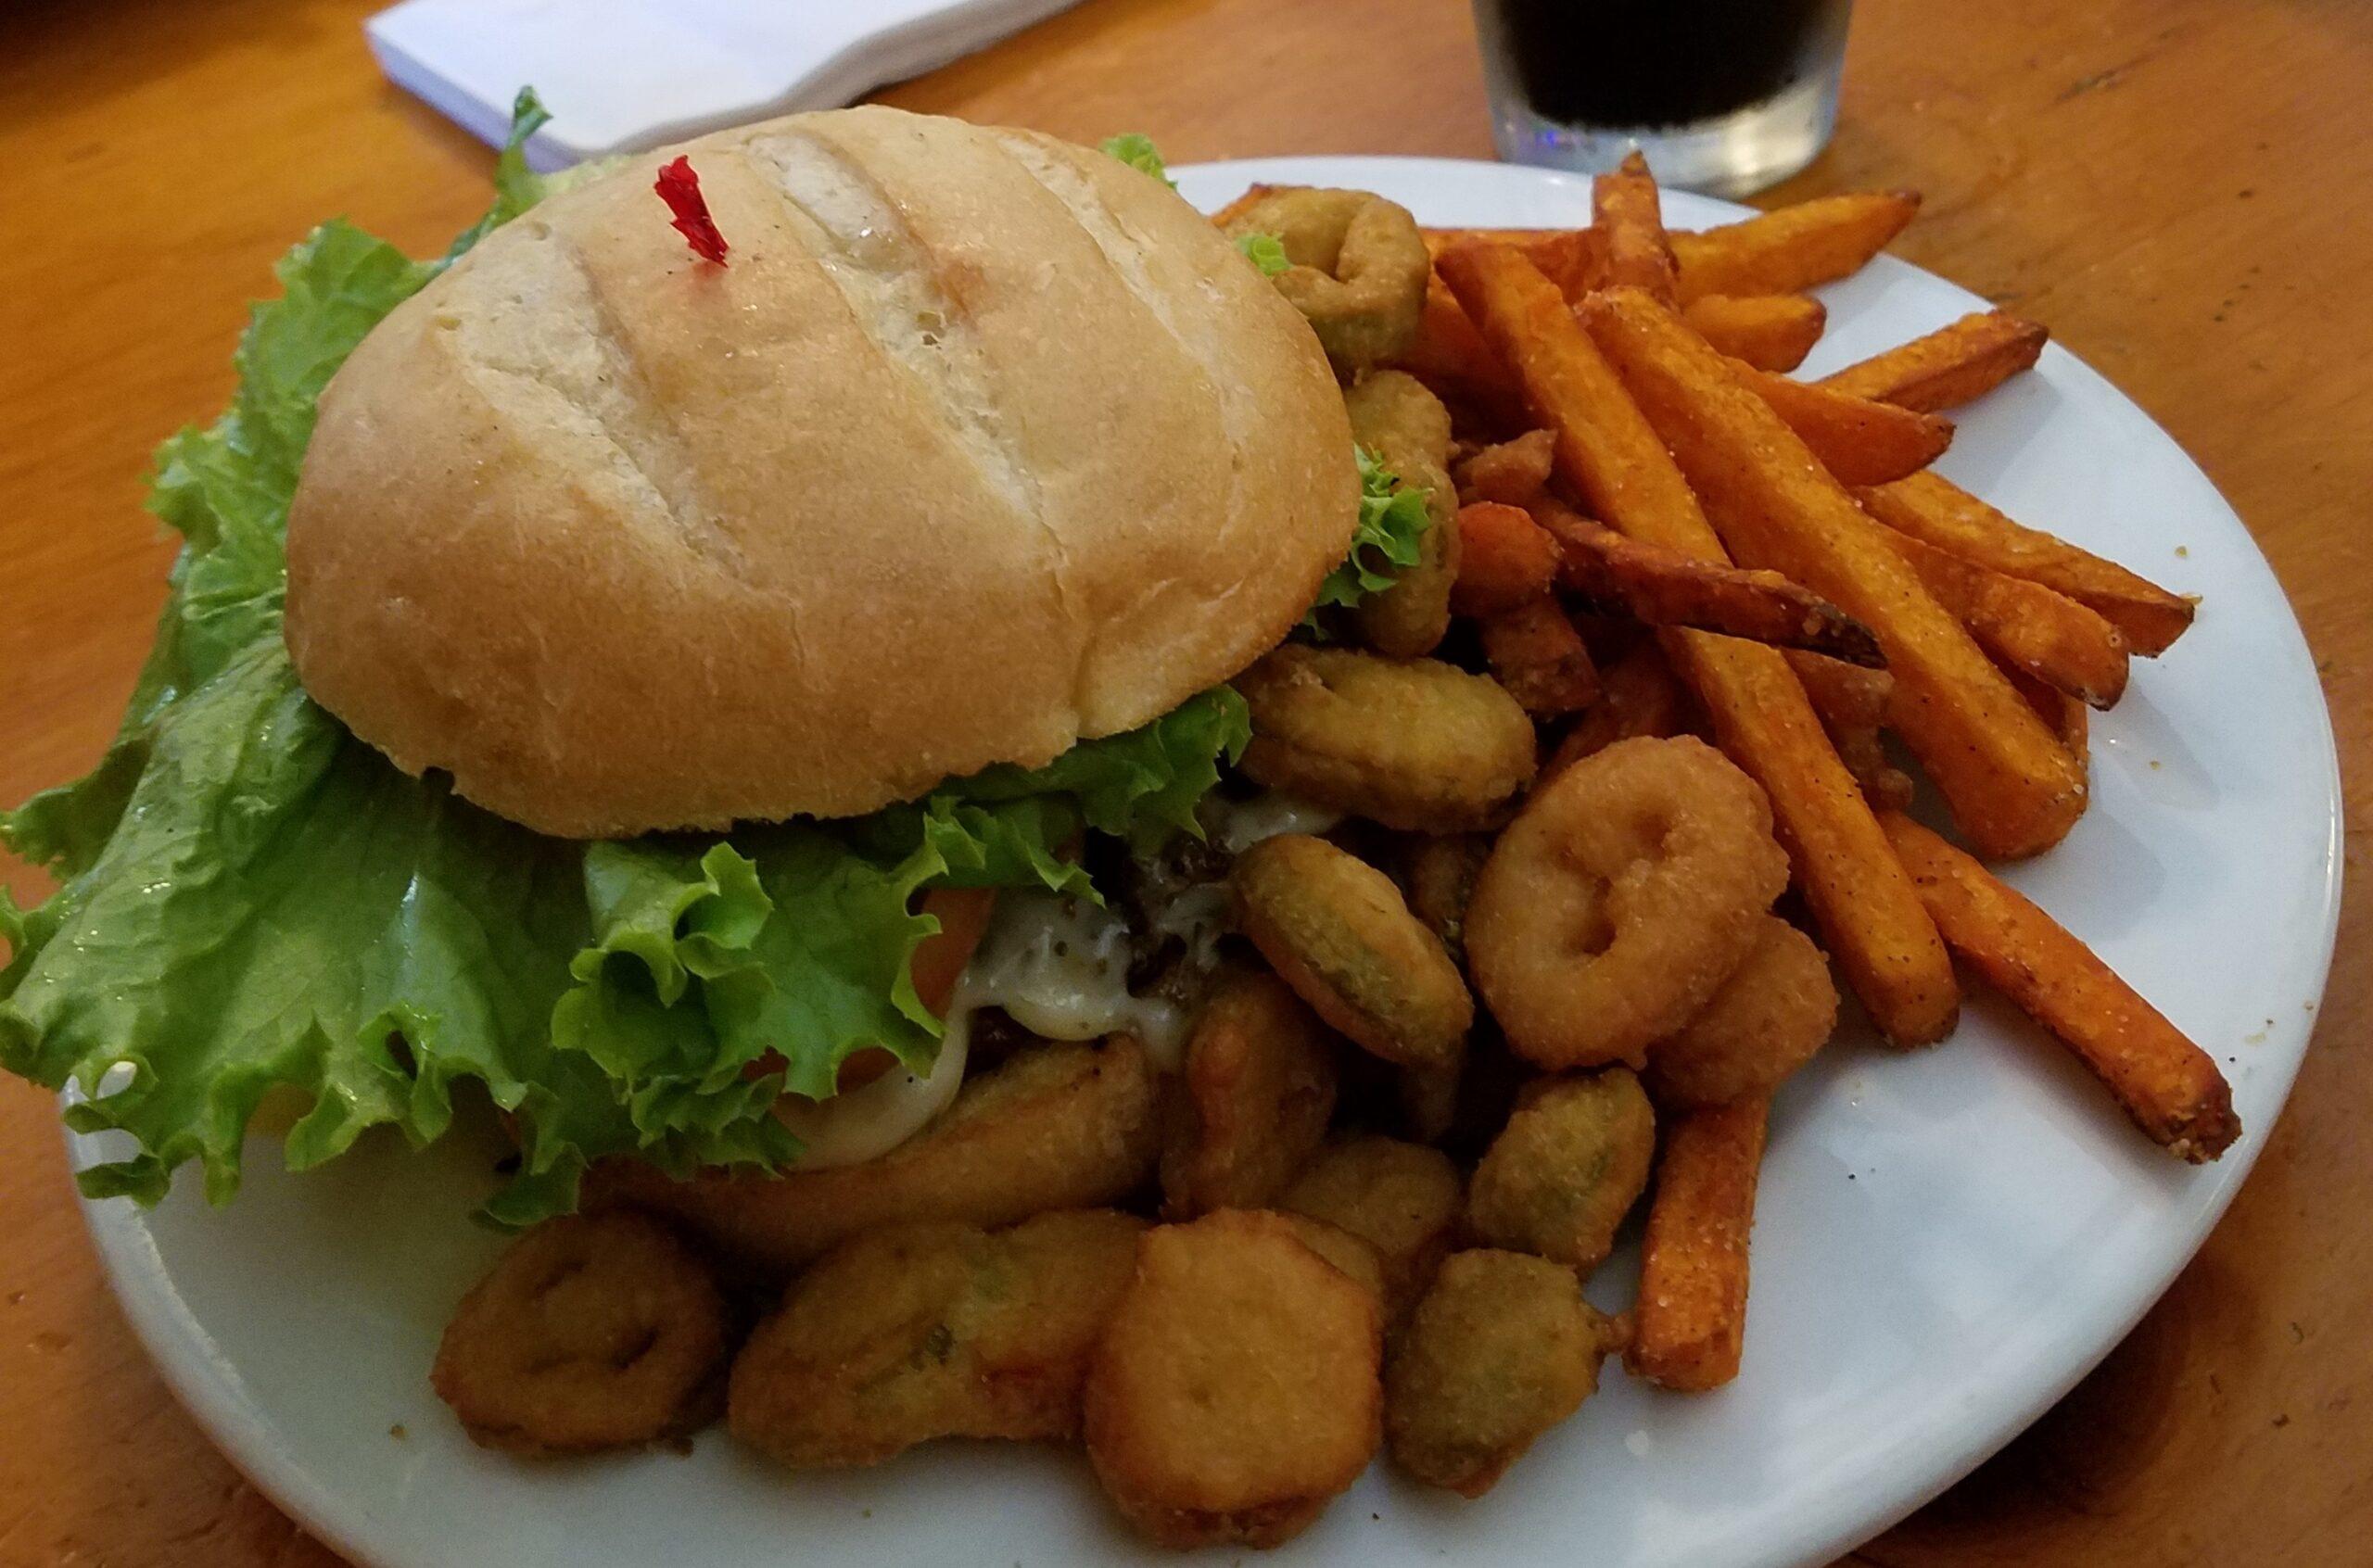 Bottle-cap-burger